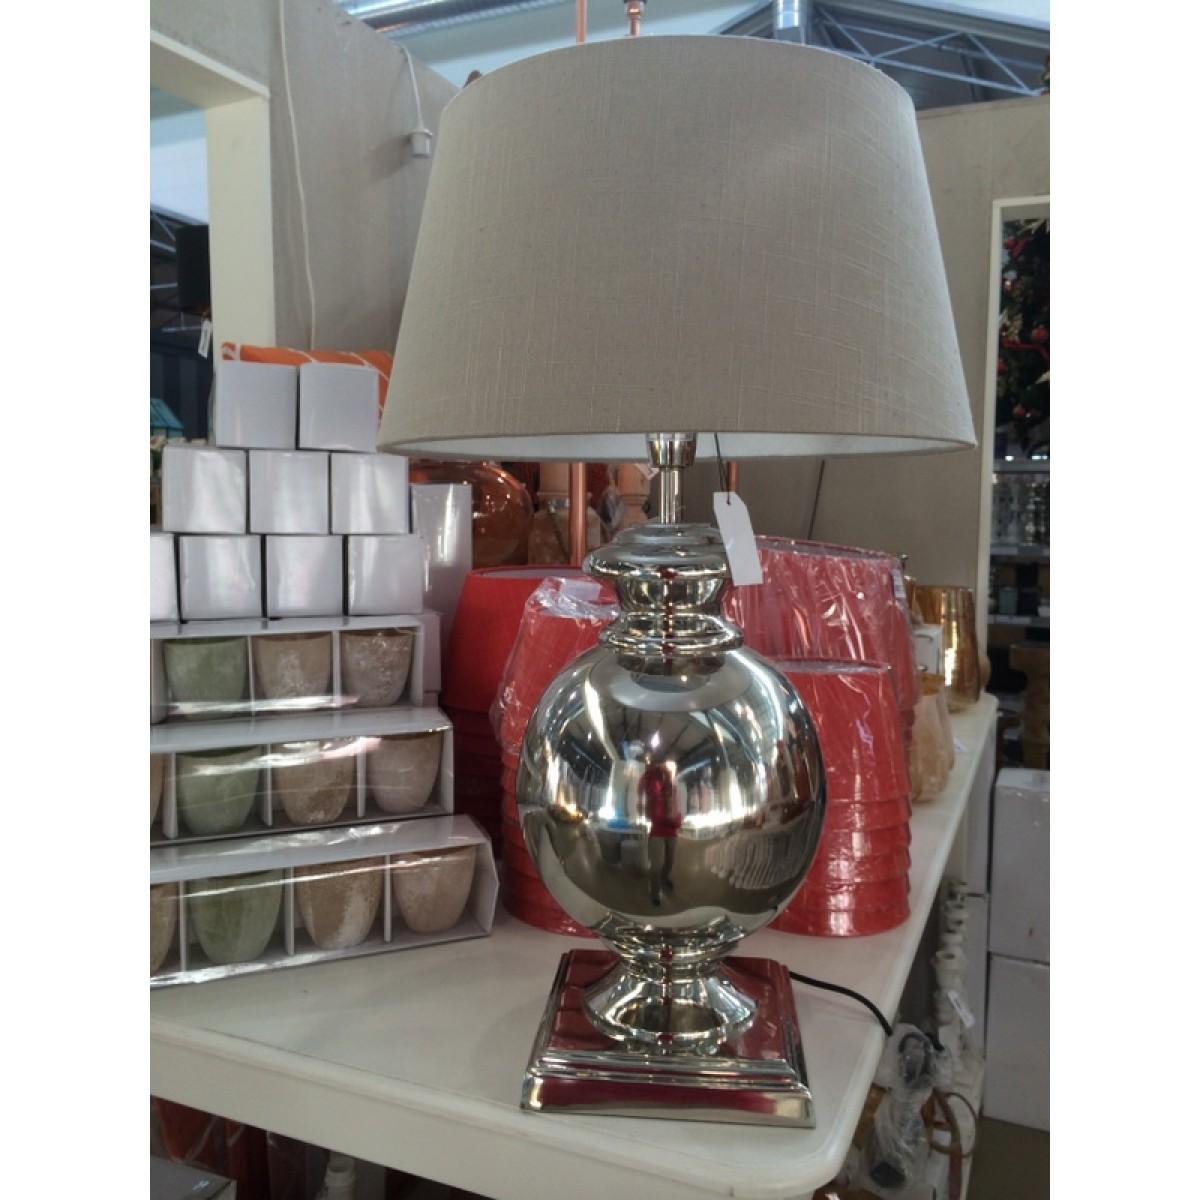 tischlampe farbe silber mit lampenschirm farbe leinen. Black Bedroom Furniture Sets. Home Design Ideas